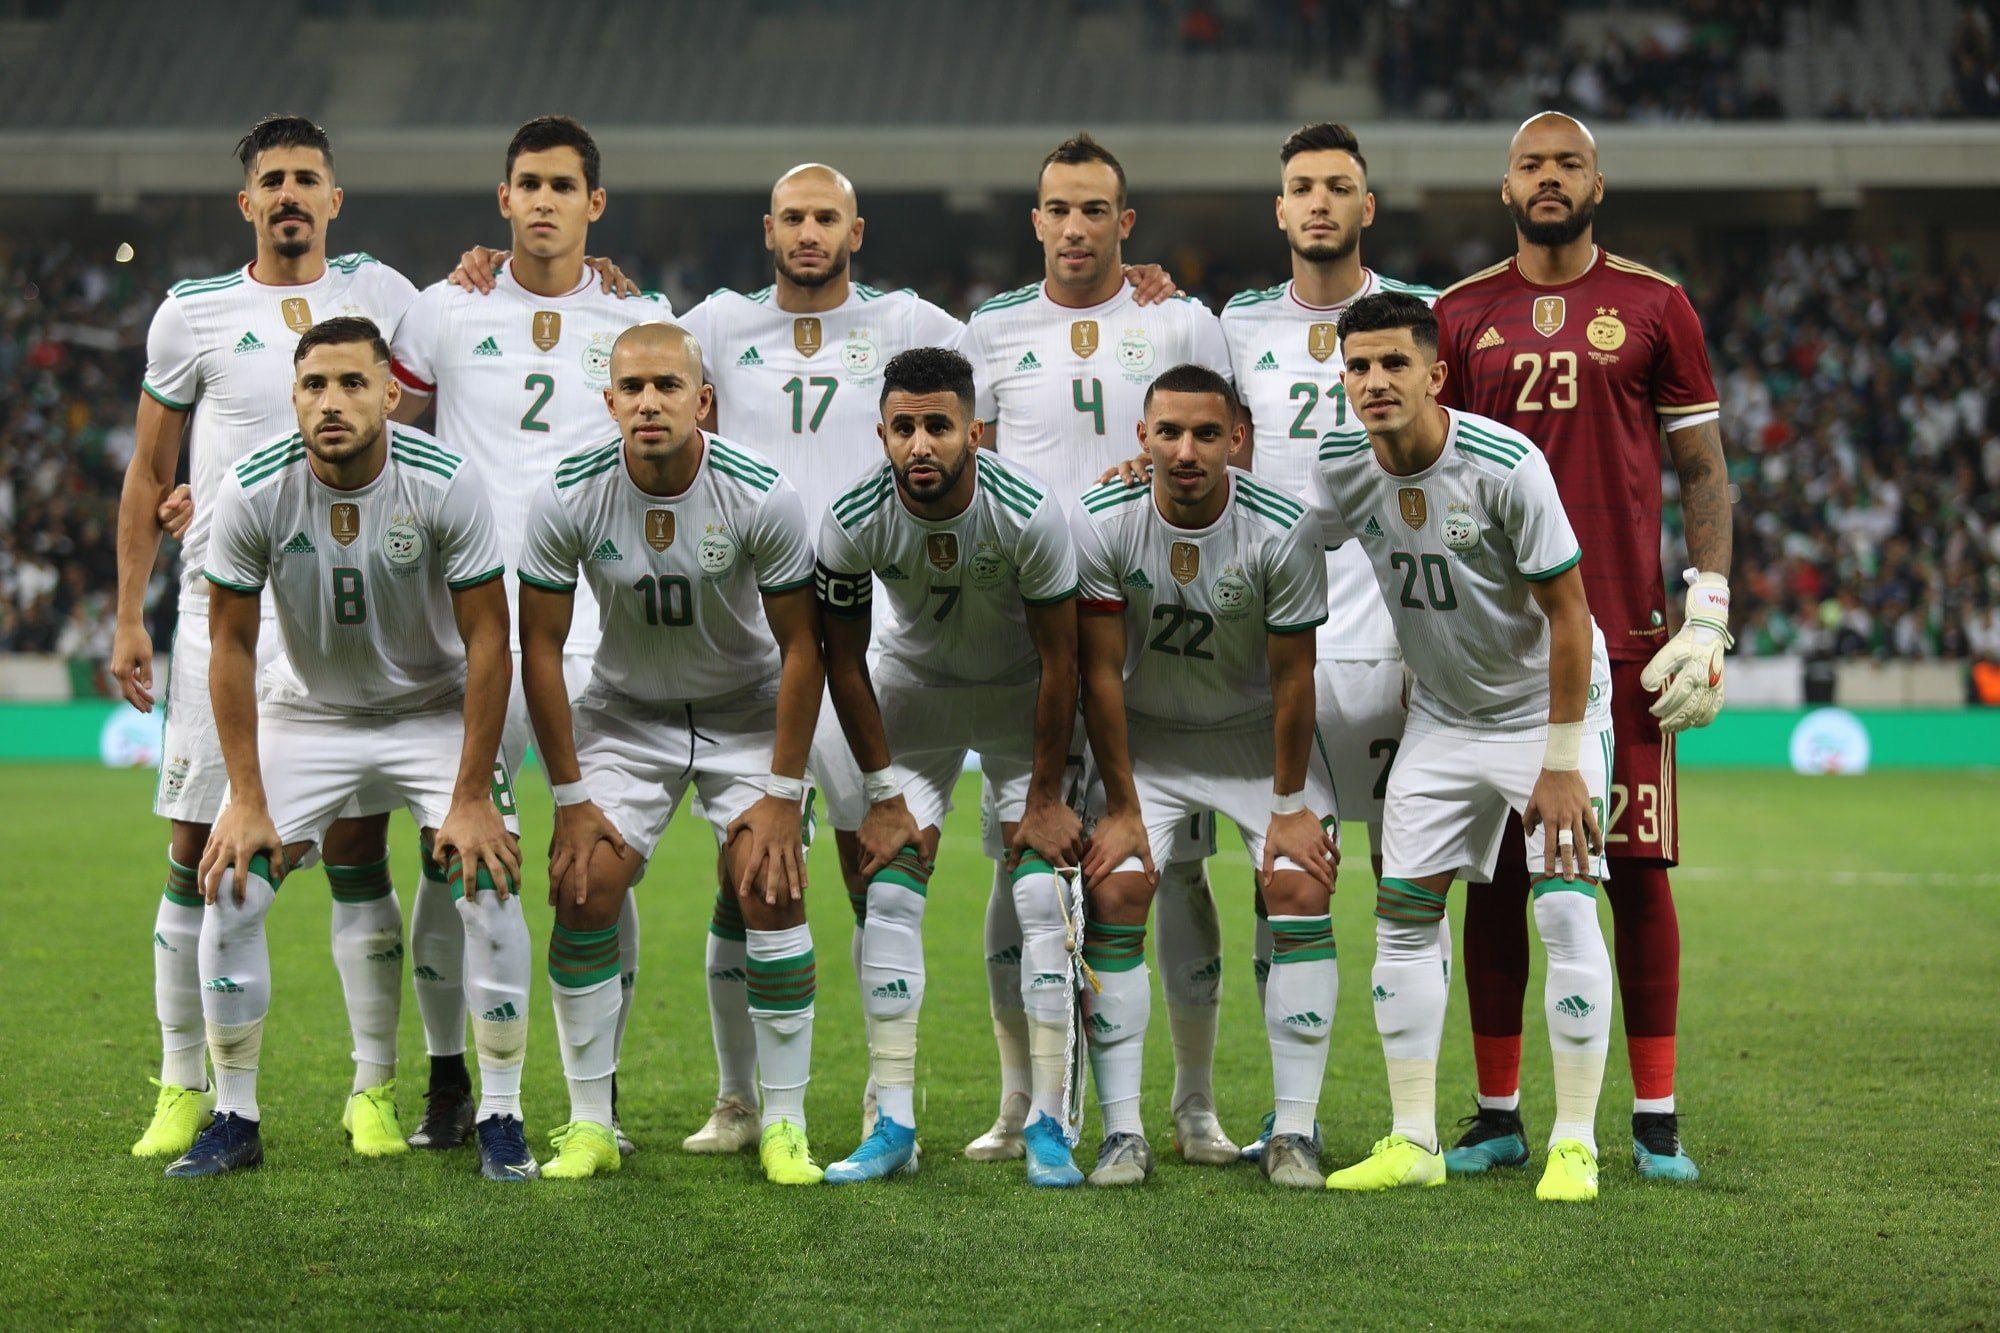 مواجهتي المنتخب الجزائري أمام منتخبي زامبيا وبوتسوانا في خطر.. إليك السبب الحقيقي